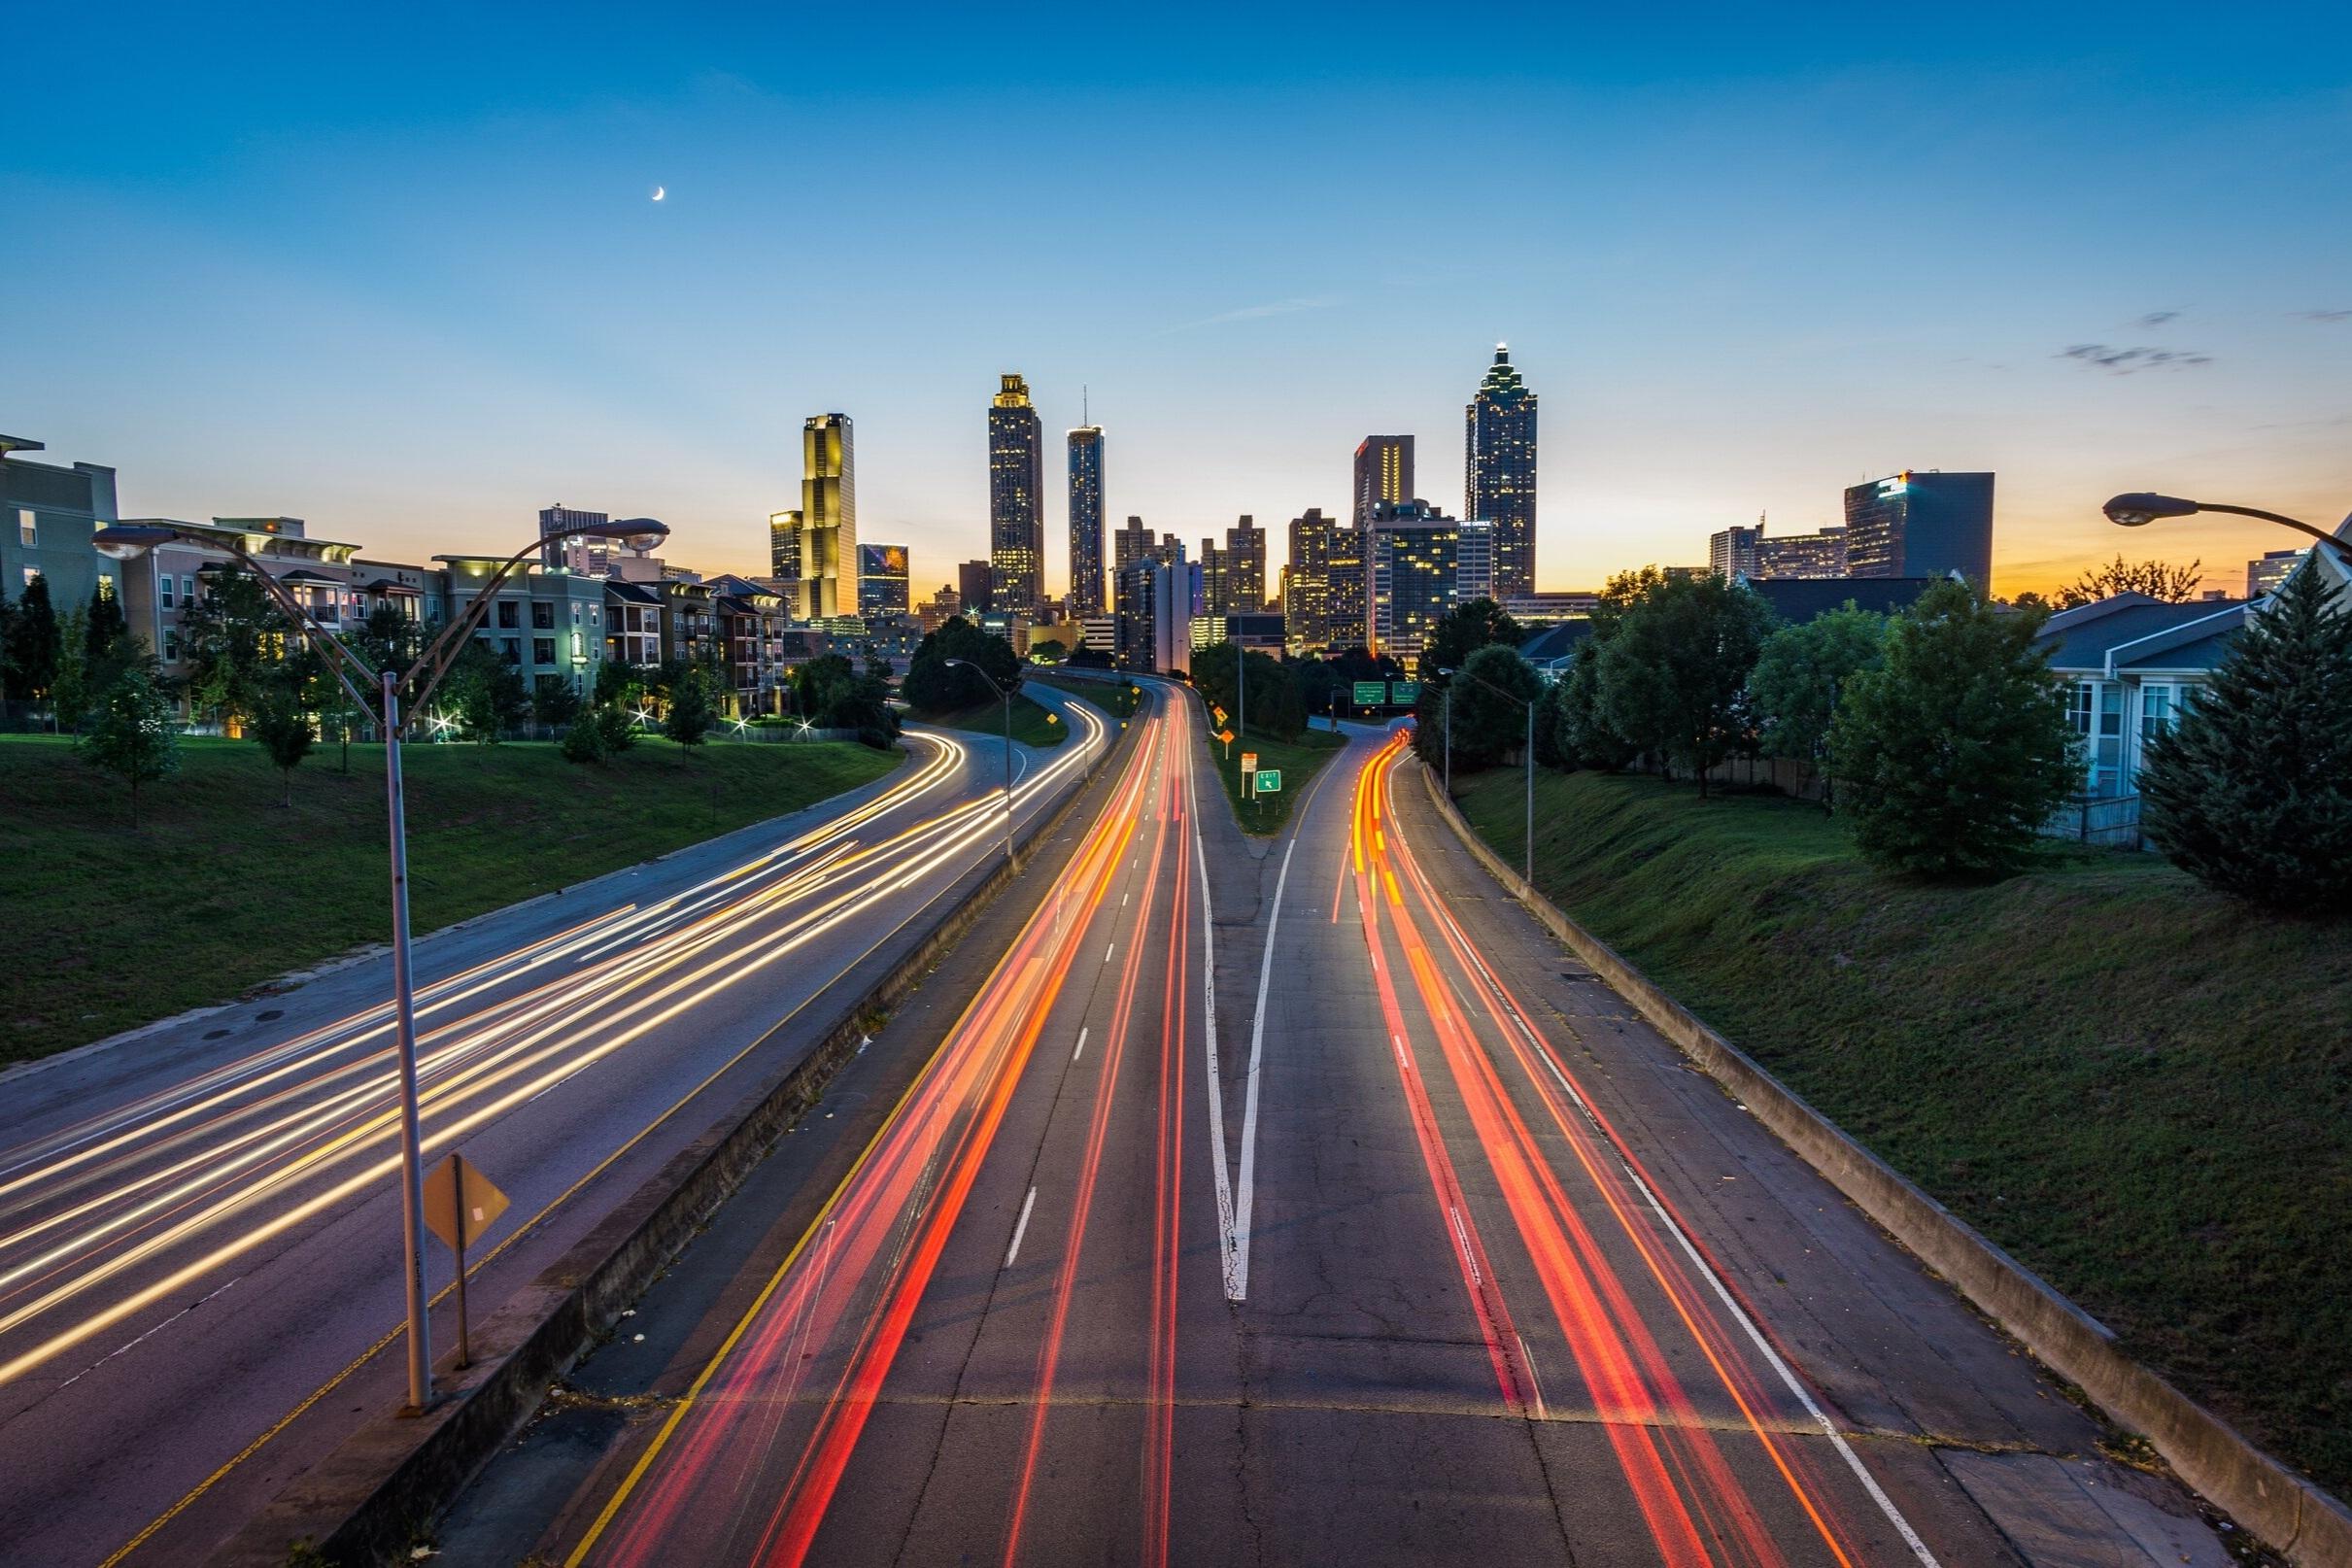 Atlanta's skyline at dusk